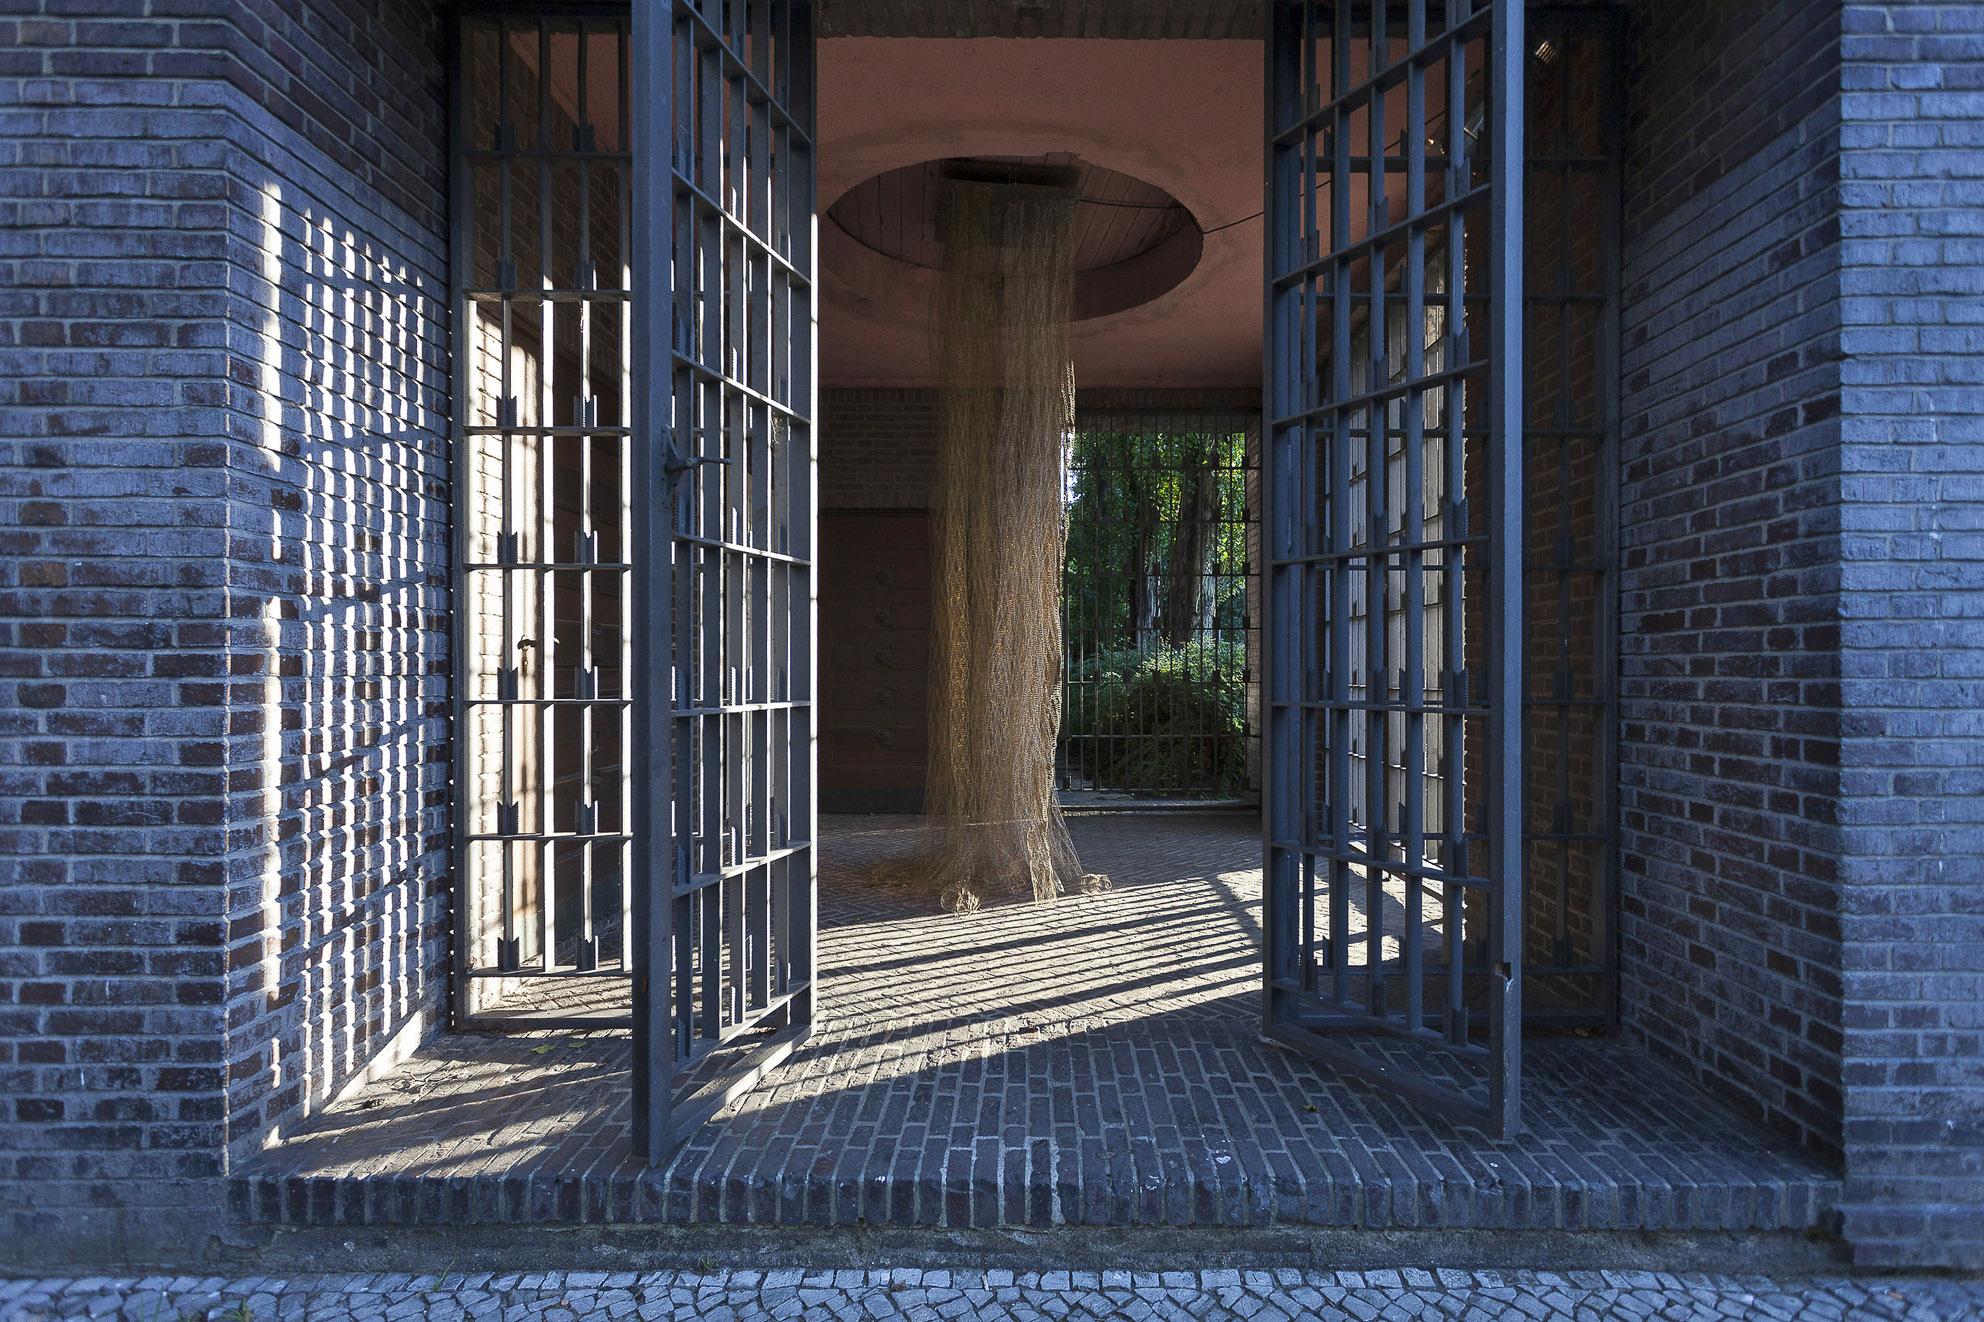 Installationsansicht, Fotonachweis: Oliver Möst